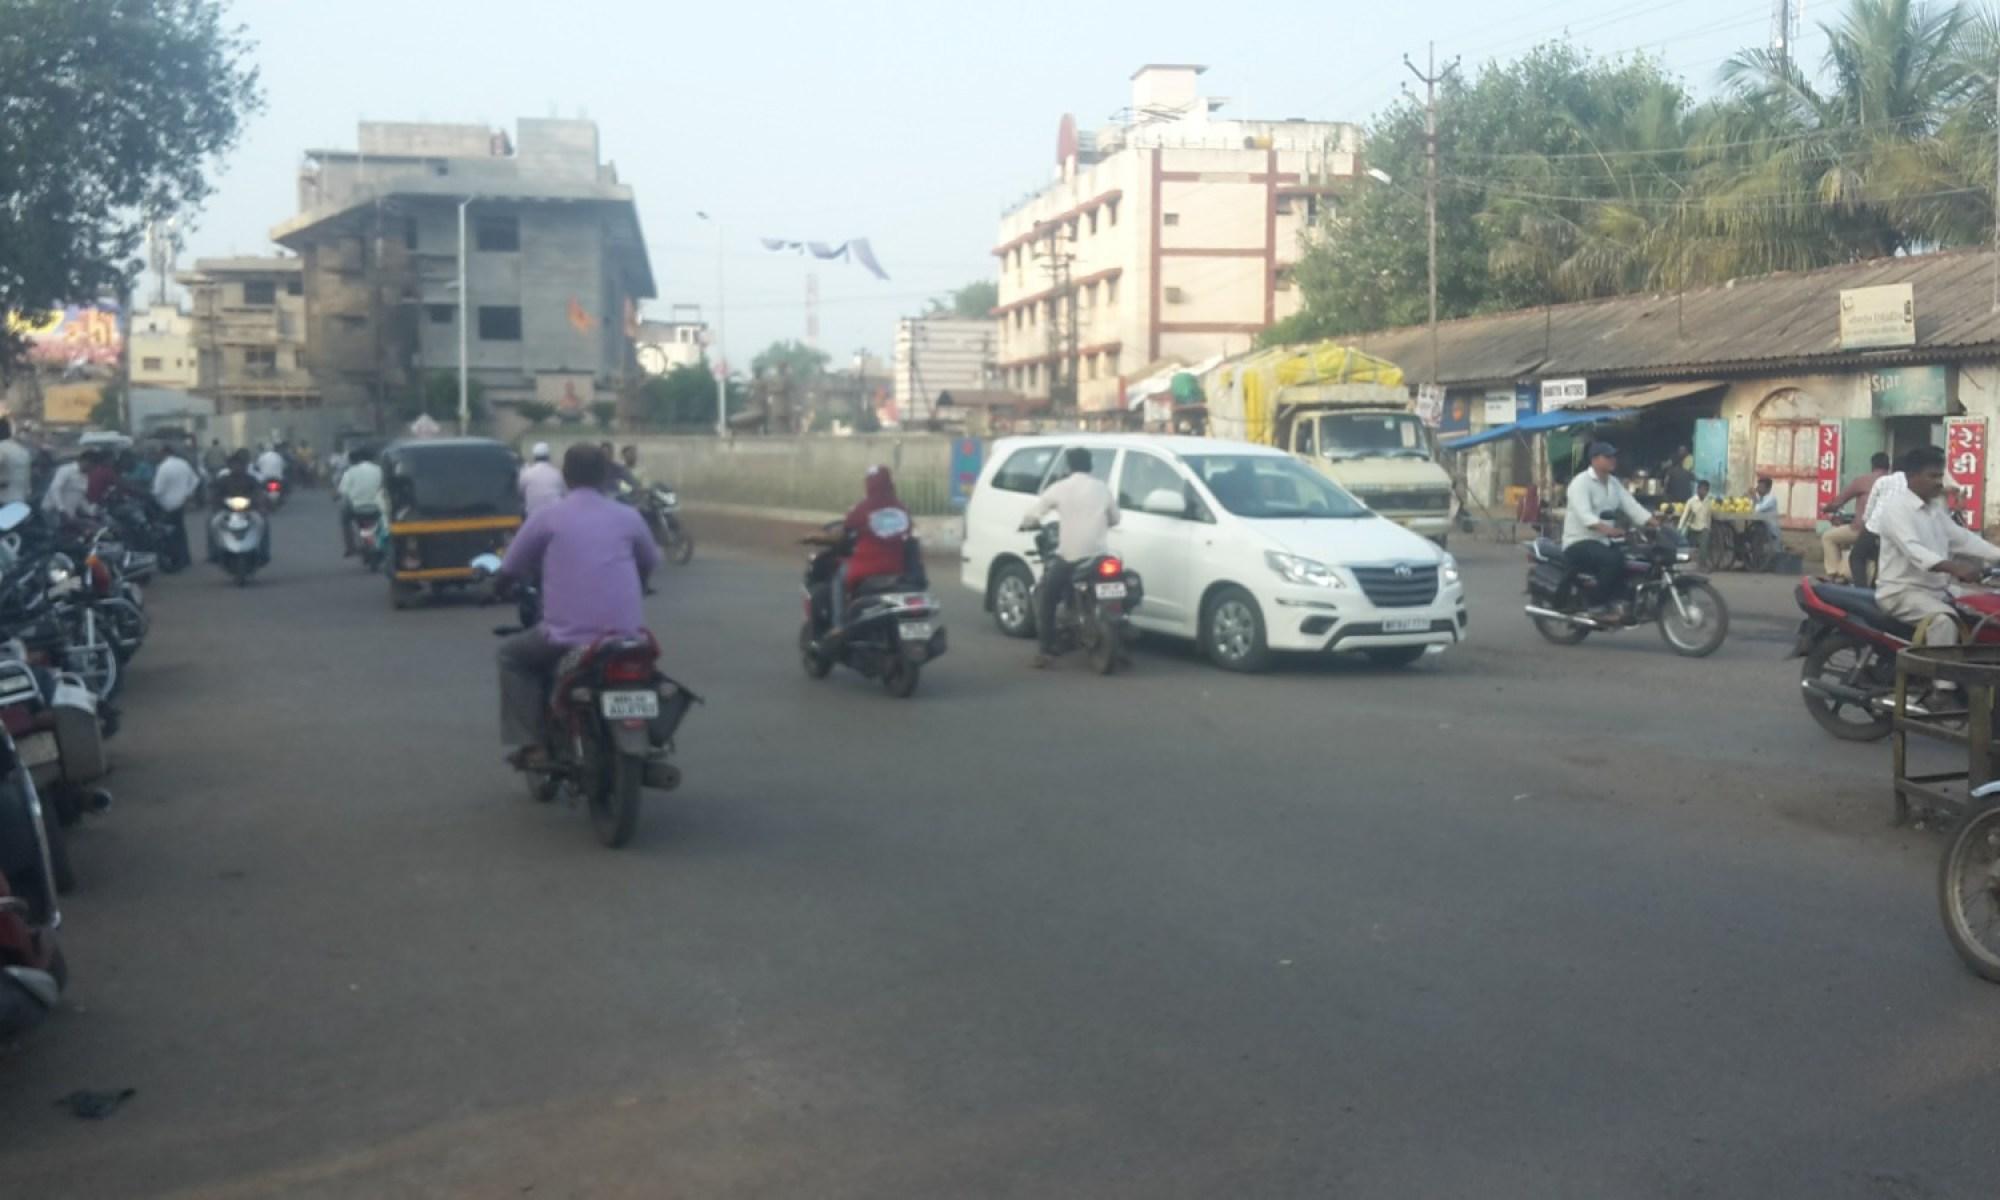 Street in Dhule.